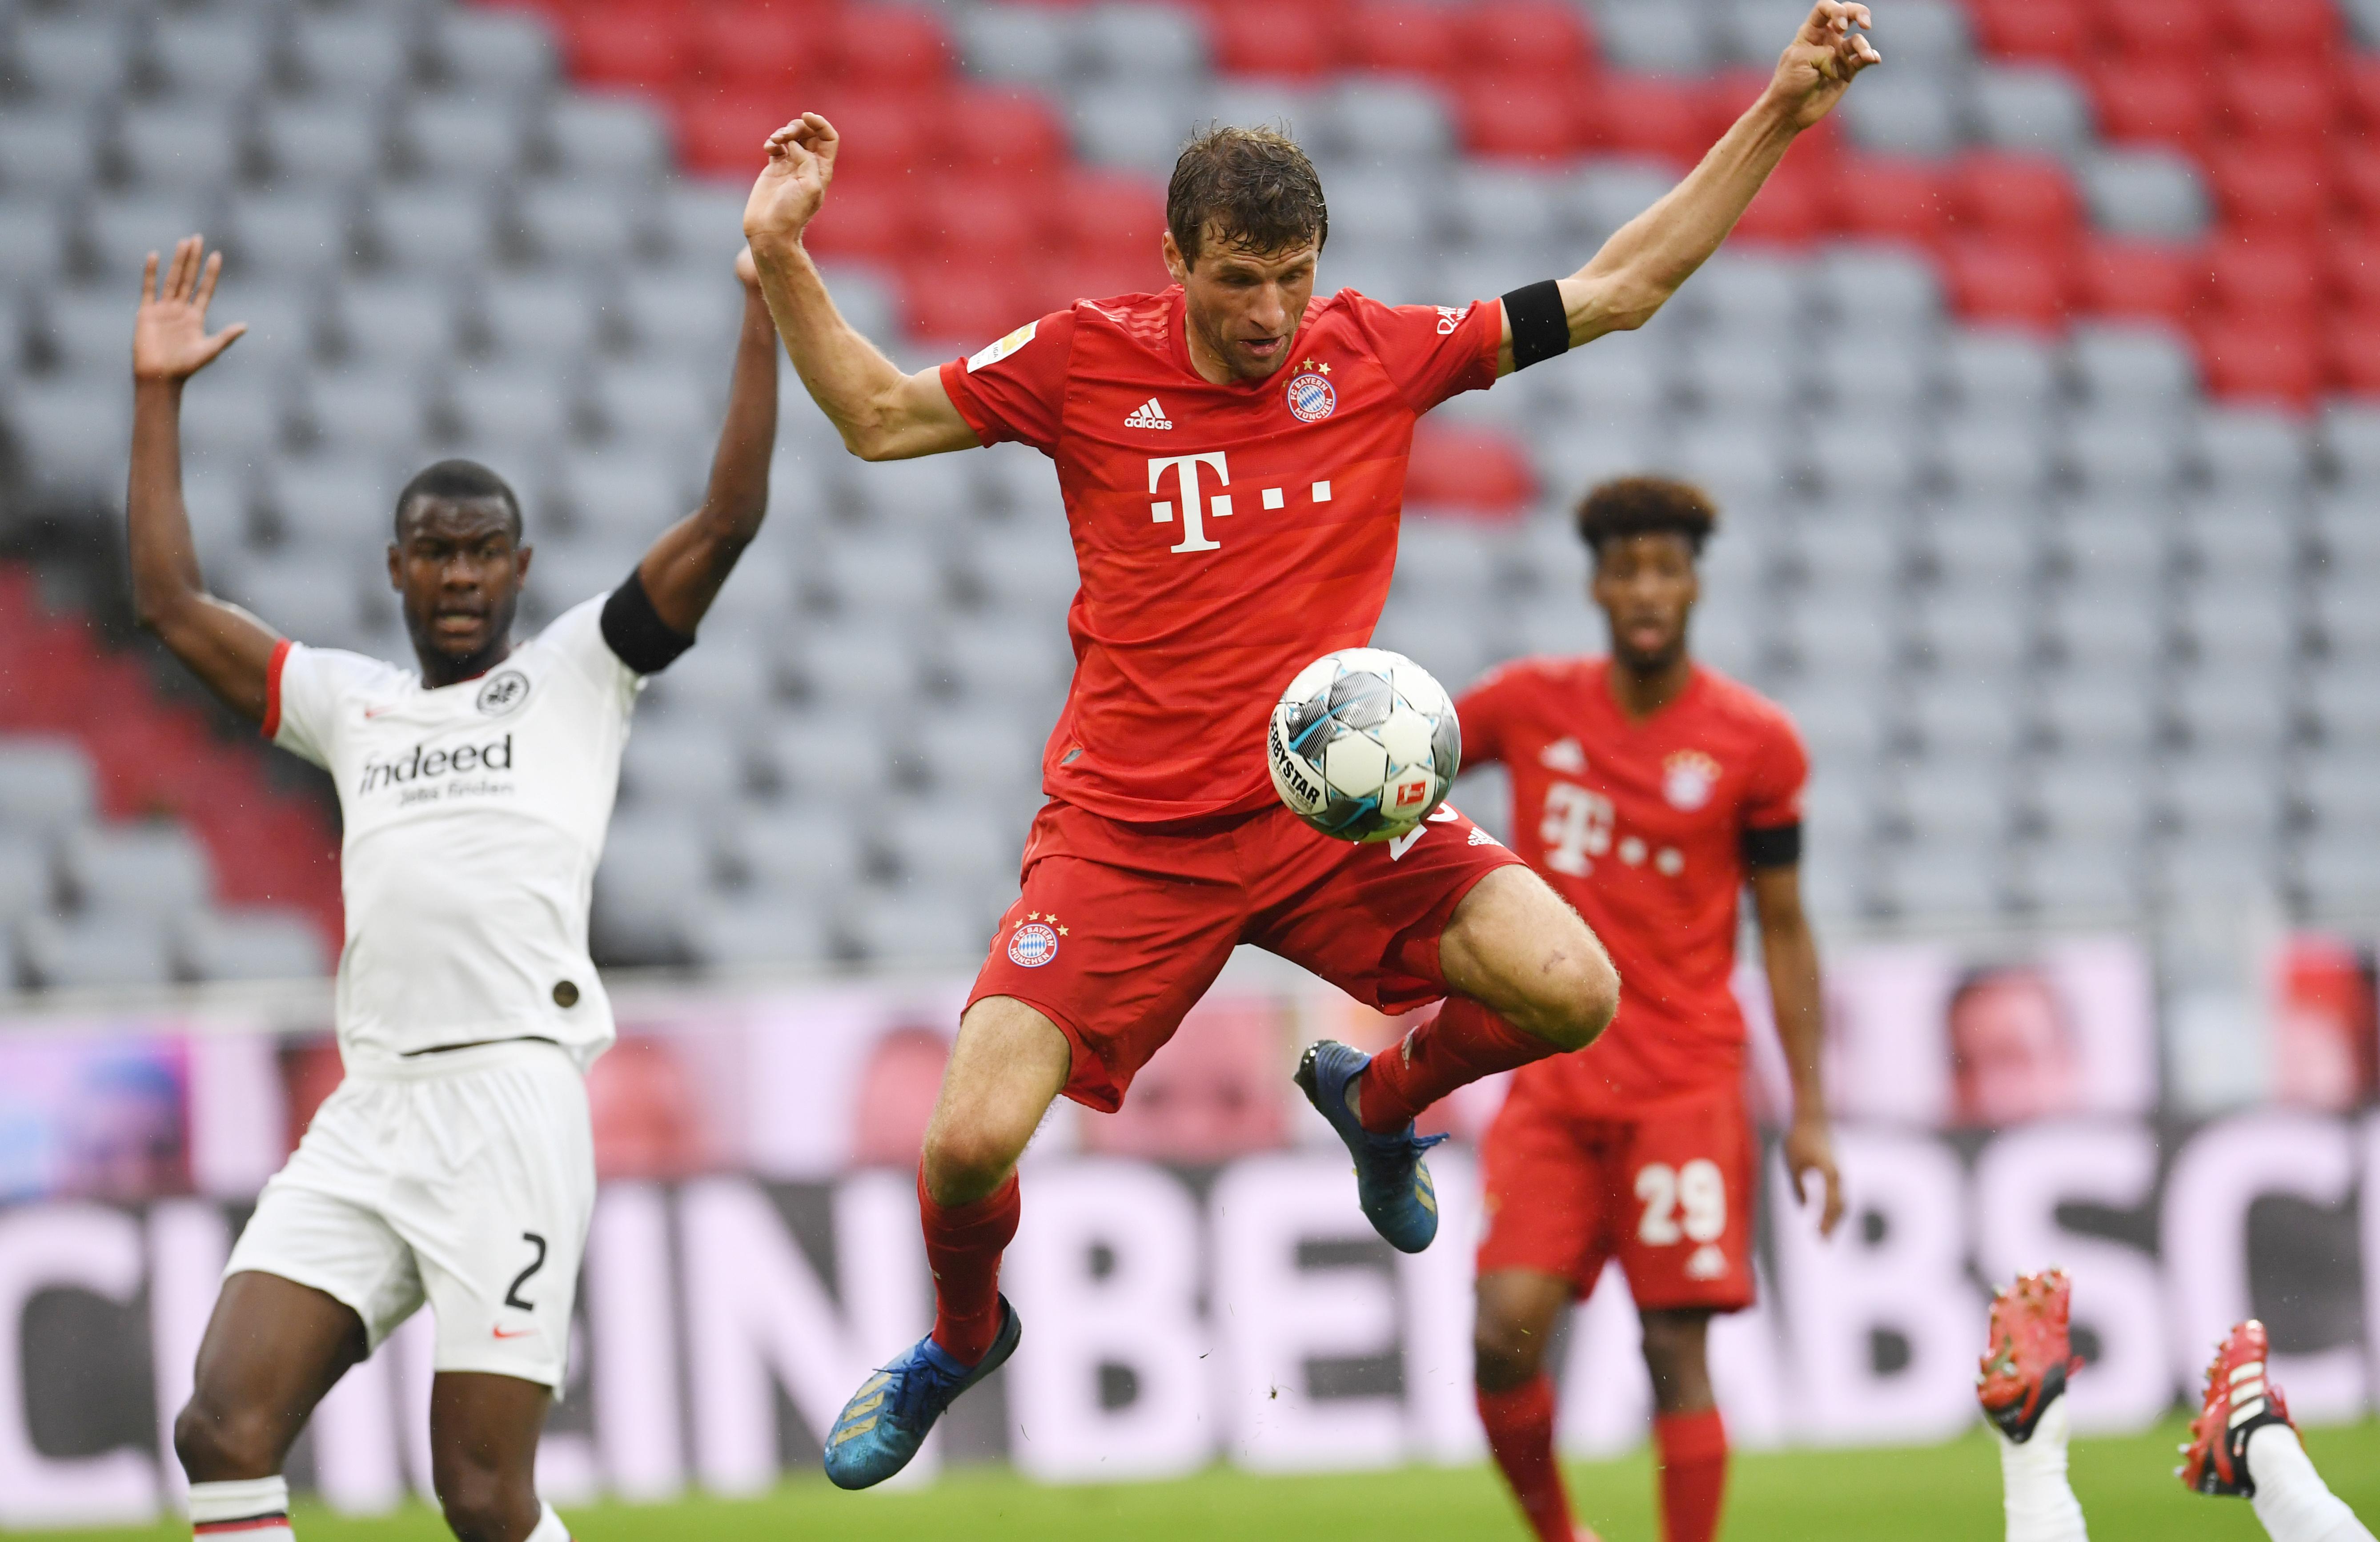 Artistisch: Thomas Müller für den FC Bayern München.